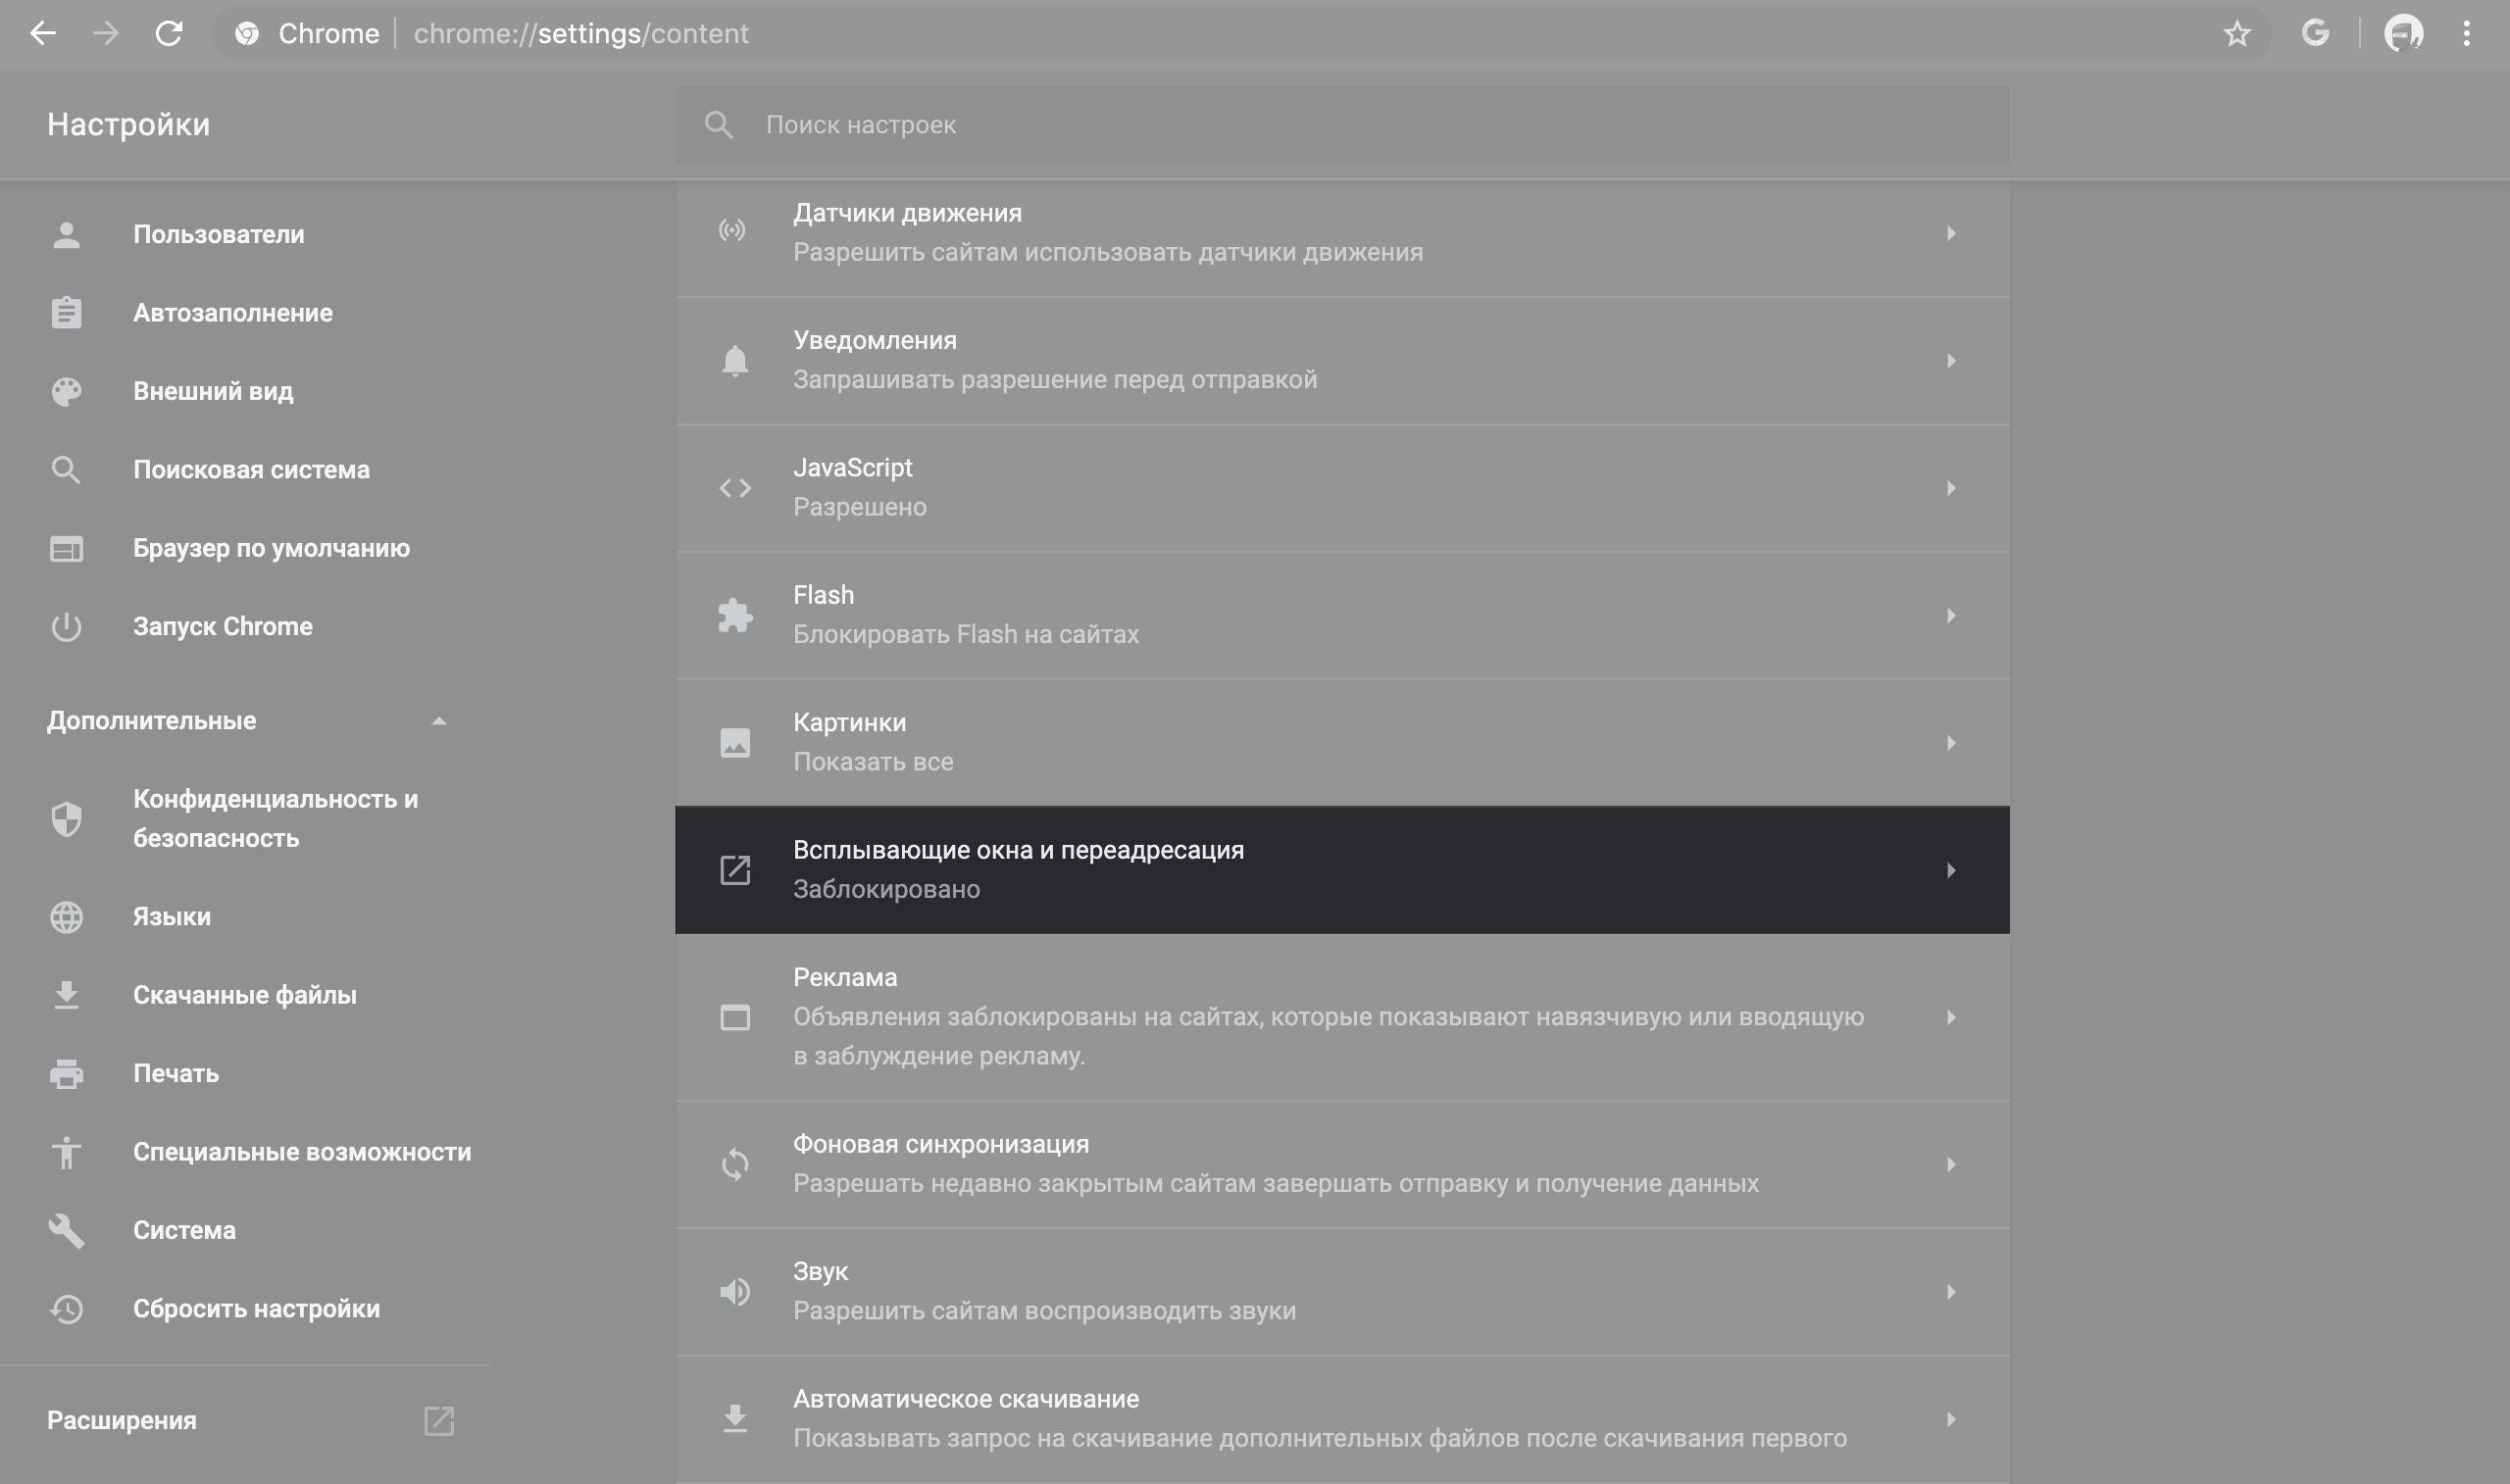 «Всплывающие окна и переадресация» в Chrome